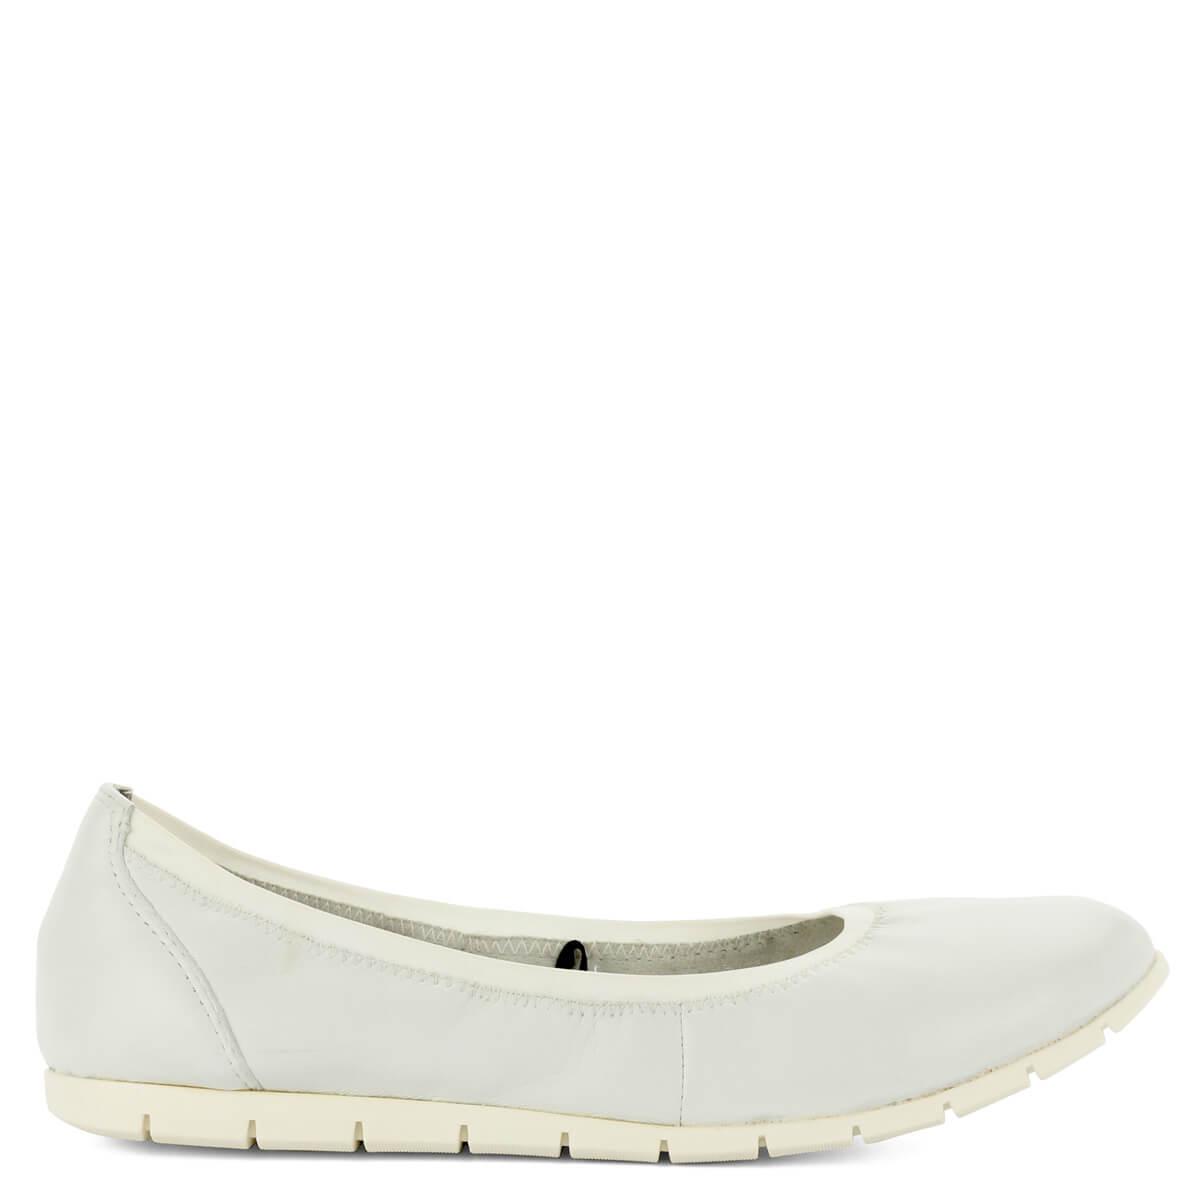 Tamaris balerina cipő fehér színben. Könnyű és kényelmes cipő hajlékony  gumi talppal 8a2431a784